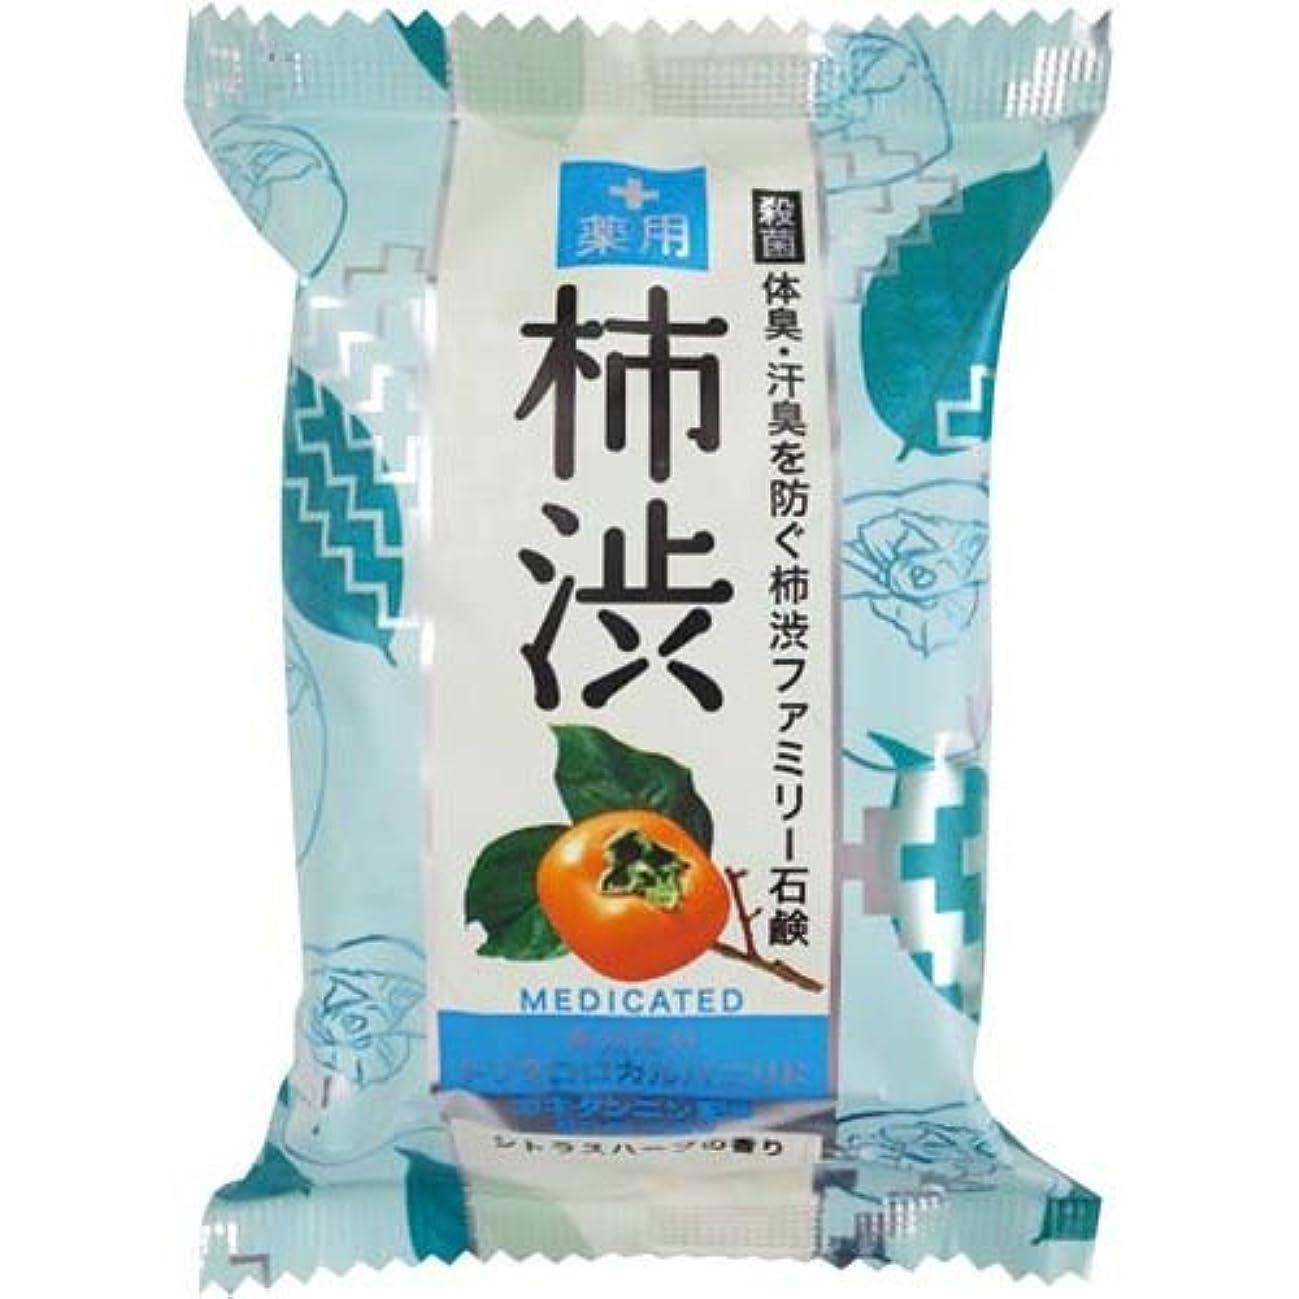 帰するサルベージお願いしますペリカン石鹸 薬用ファミリー柿渋石鹸×6個×4箱